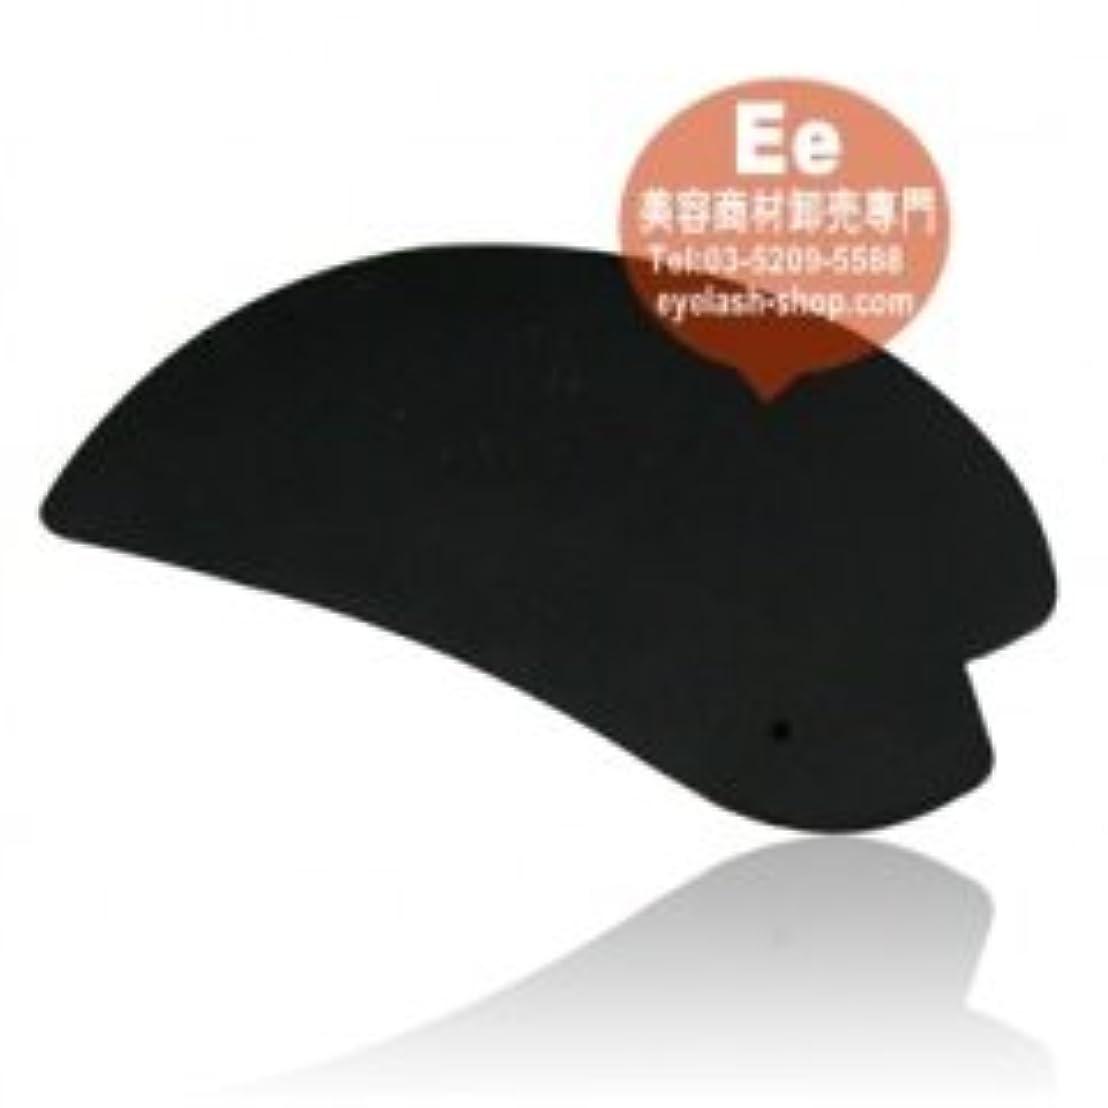 フェザーモートレーダー【100%本物保障】最高級天然石美容カッサプレート 天然石カッサ板 S-11